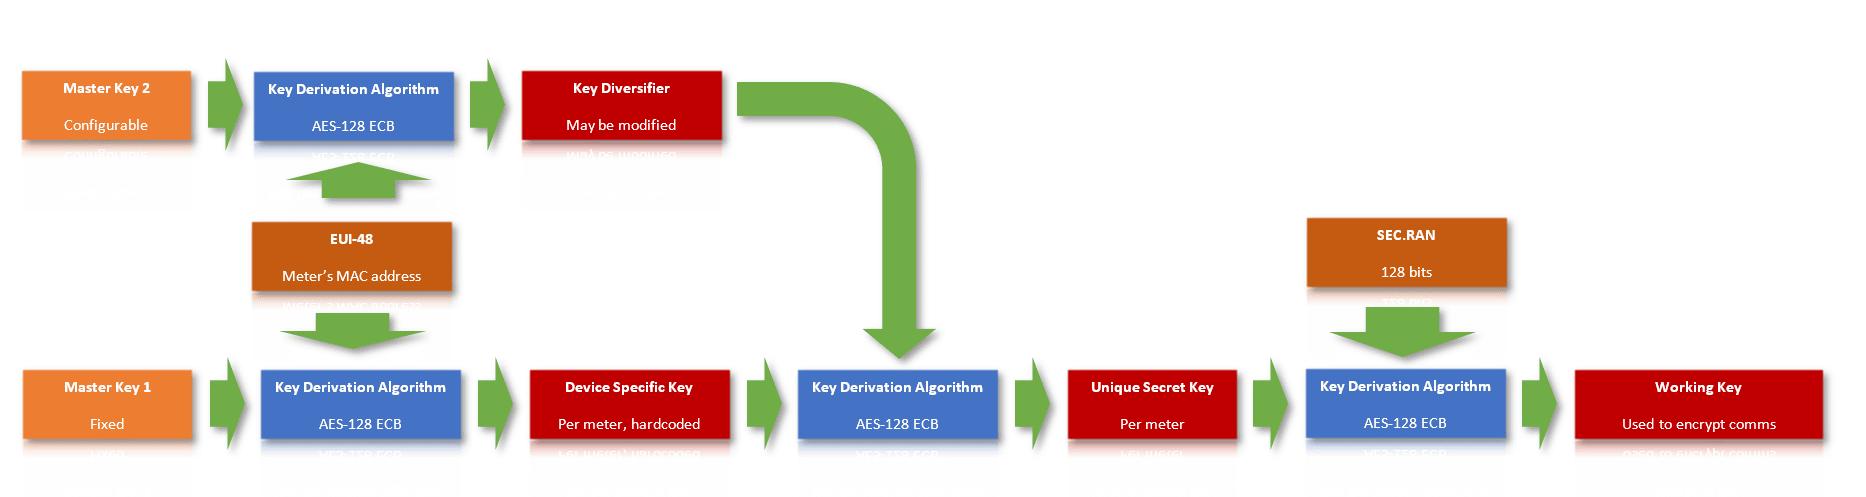 Fases de derivación de claves